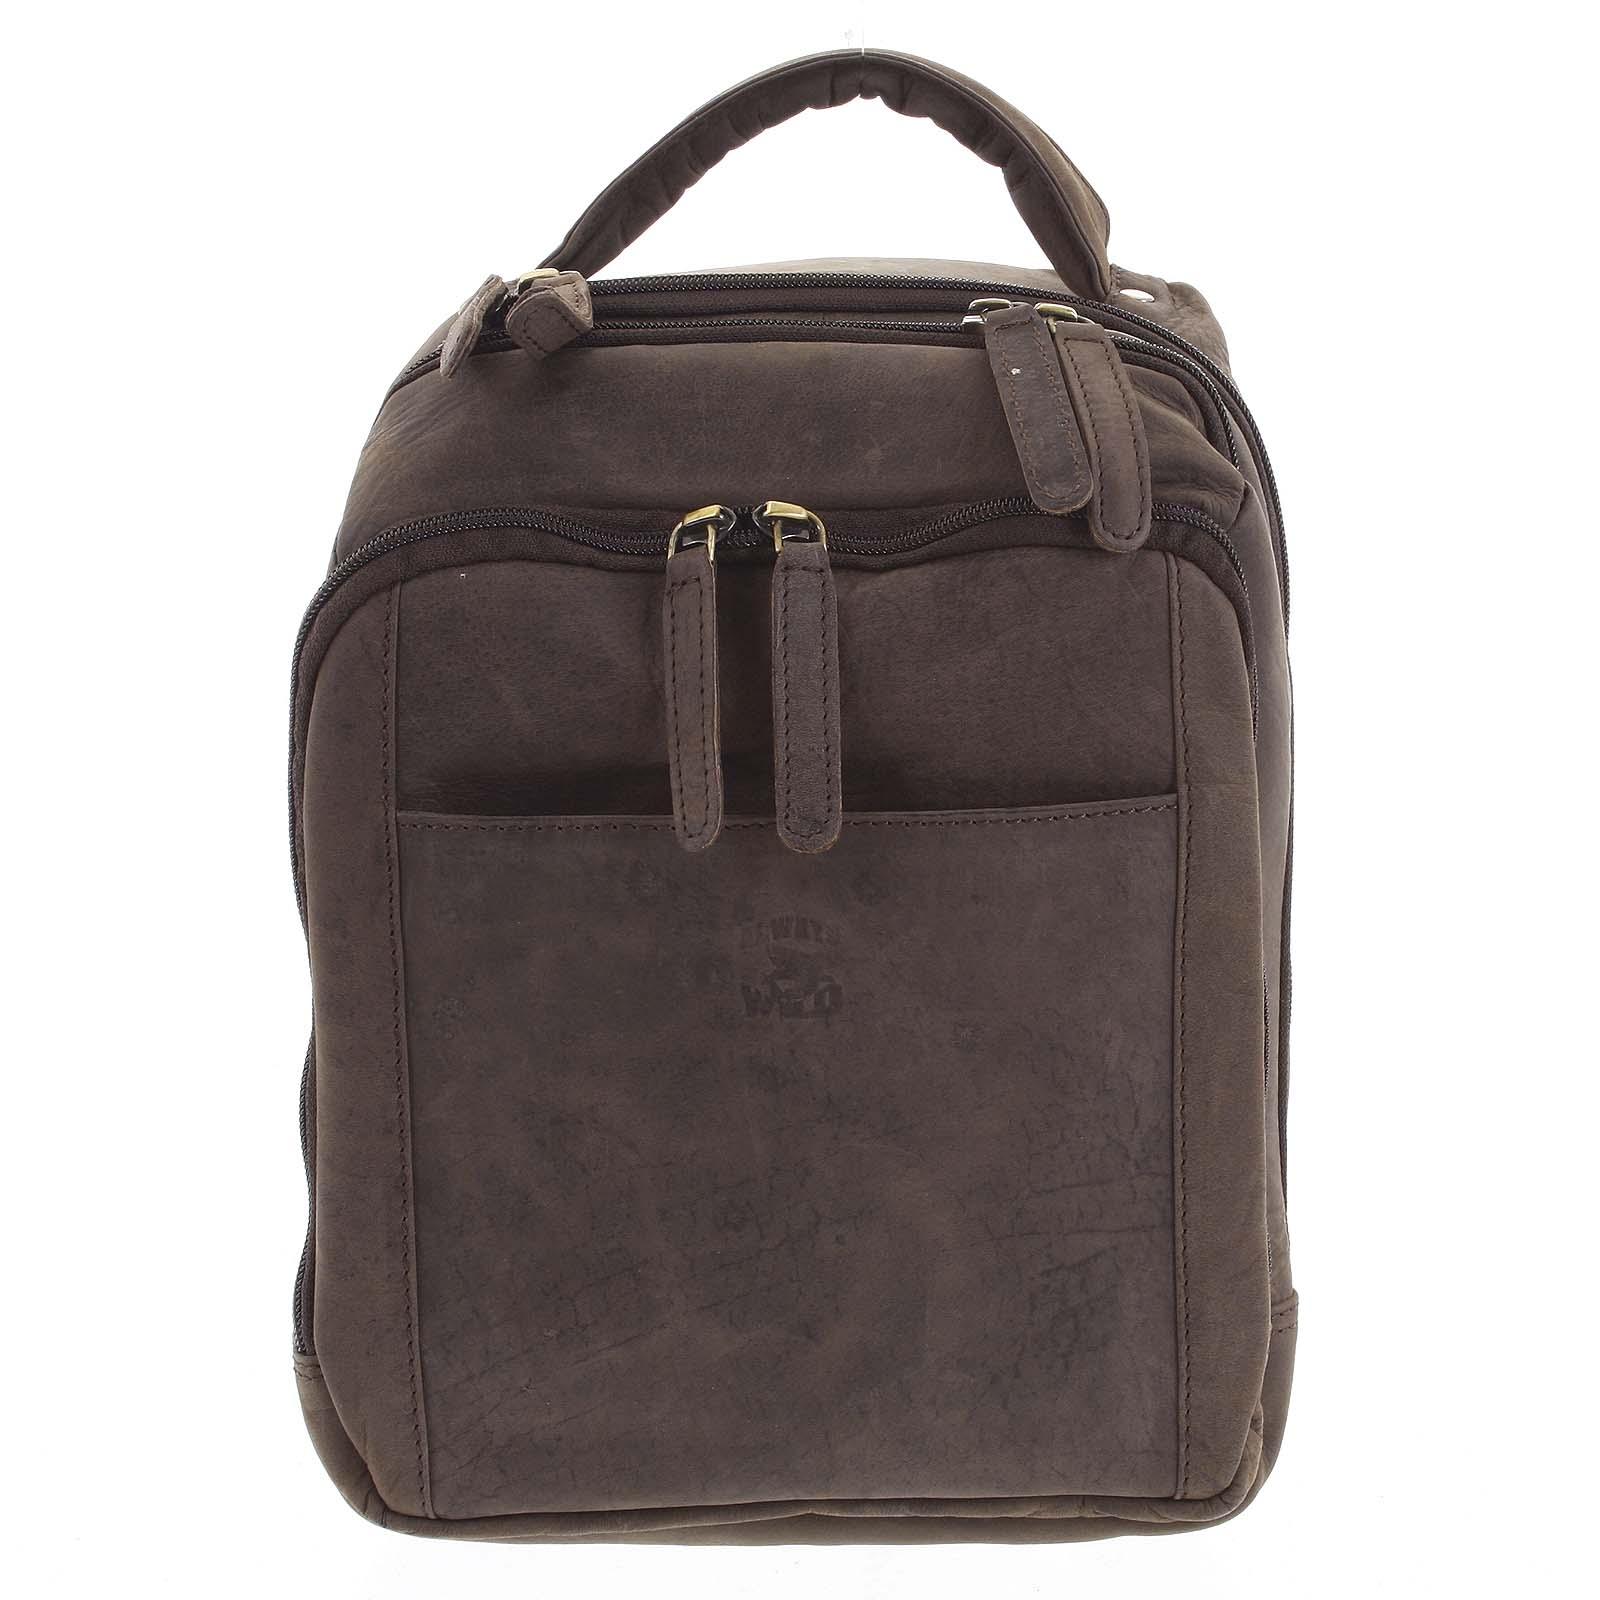 Pánsky kožený batoh tmavohnedý - WILD Josemar hnedá